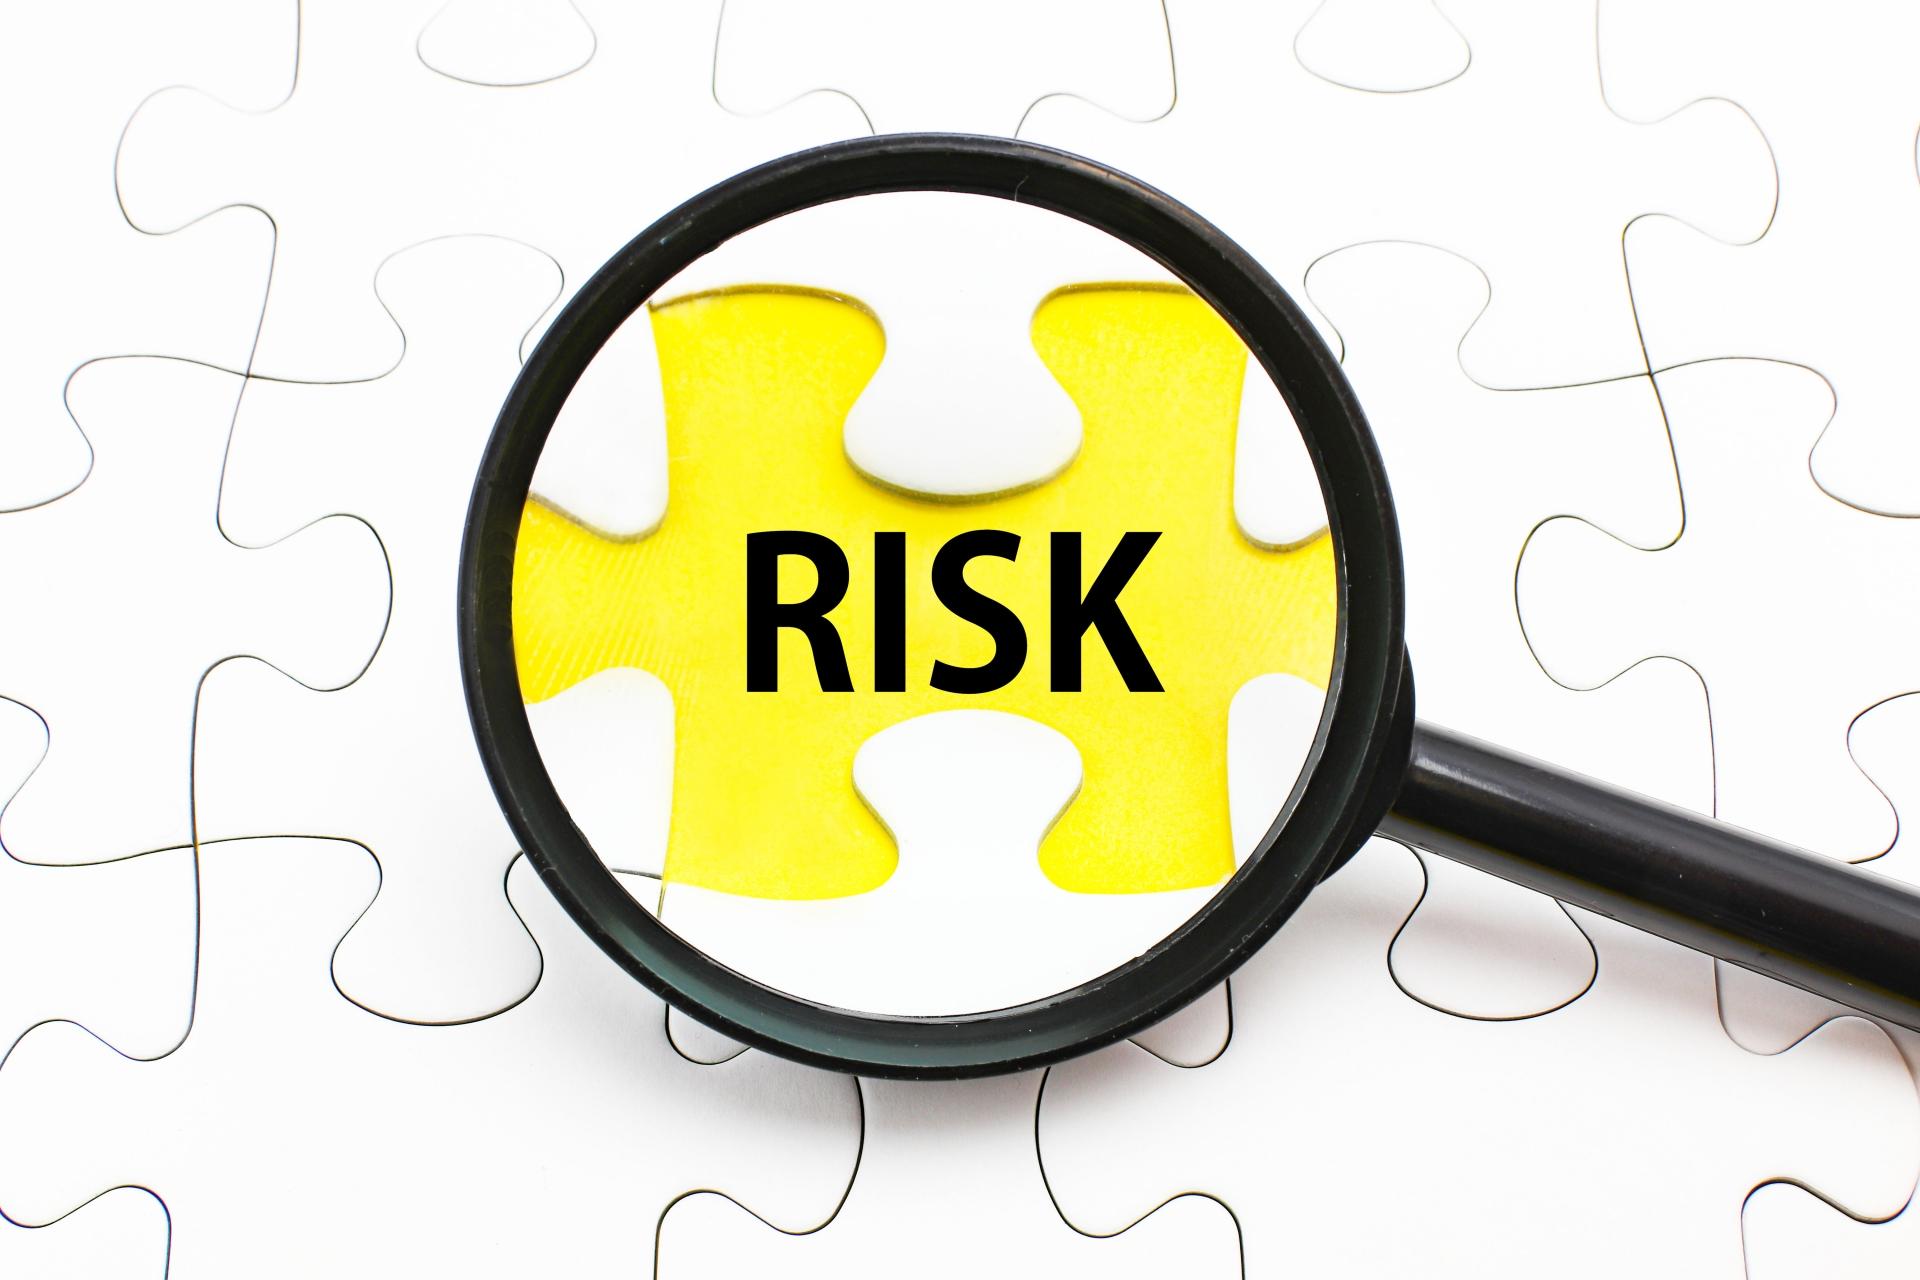 営業力を高めるCRMデータ!導入前に知っておきたいポイントまとめの活用_リスク